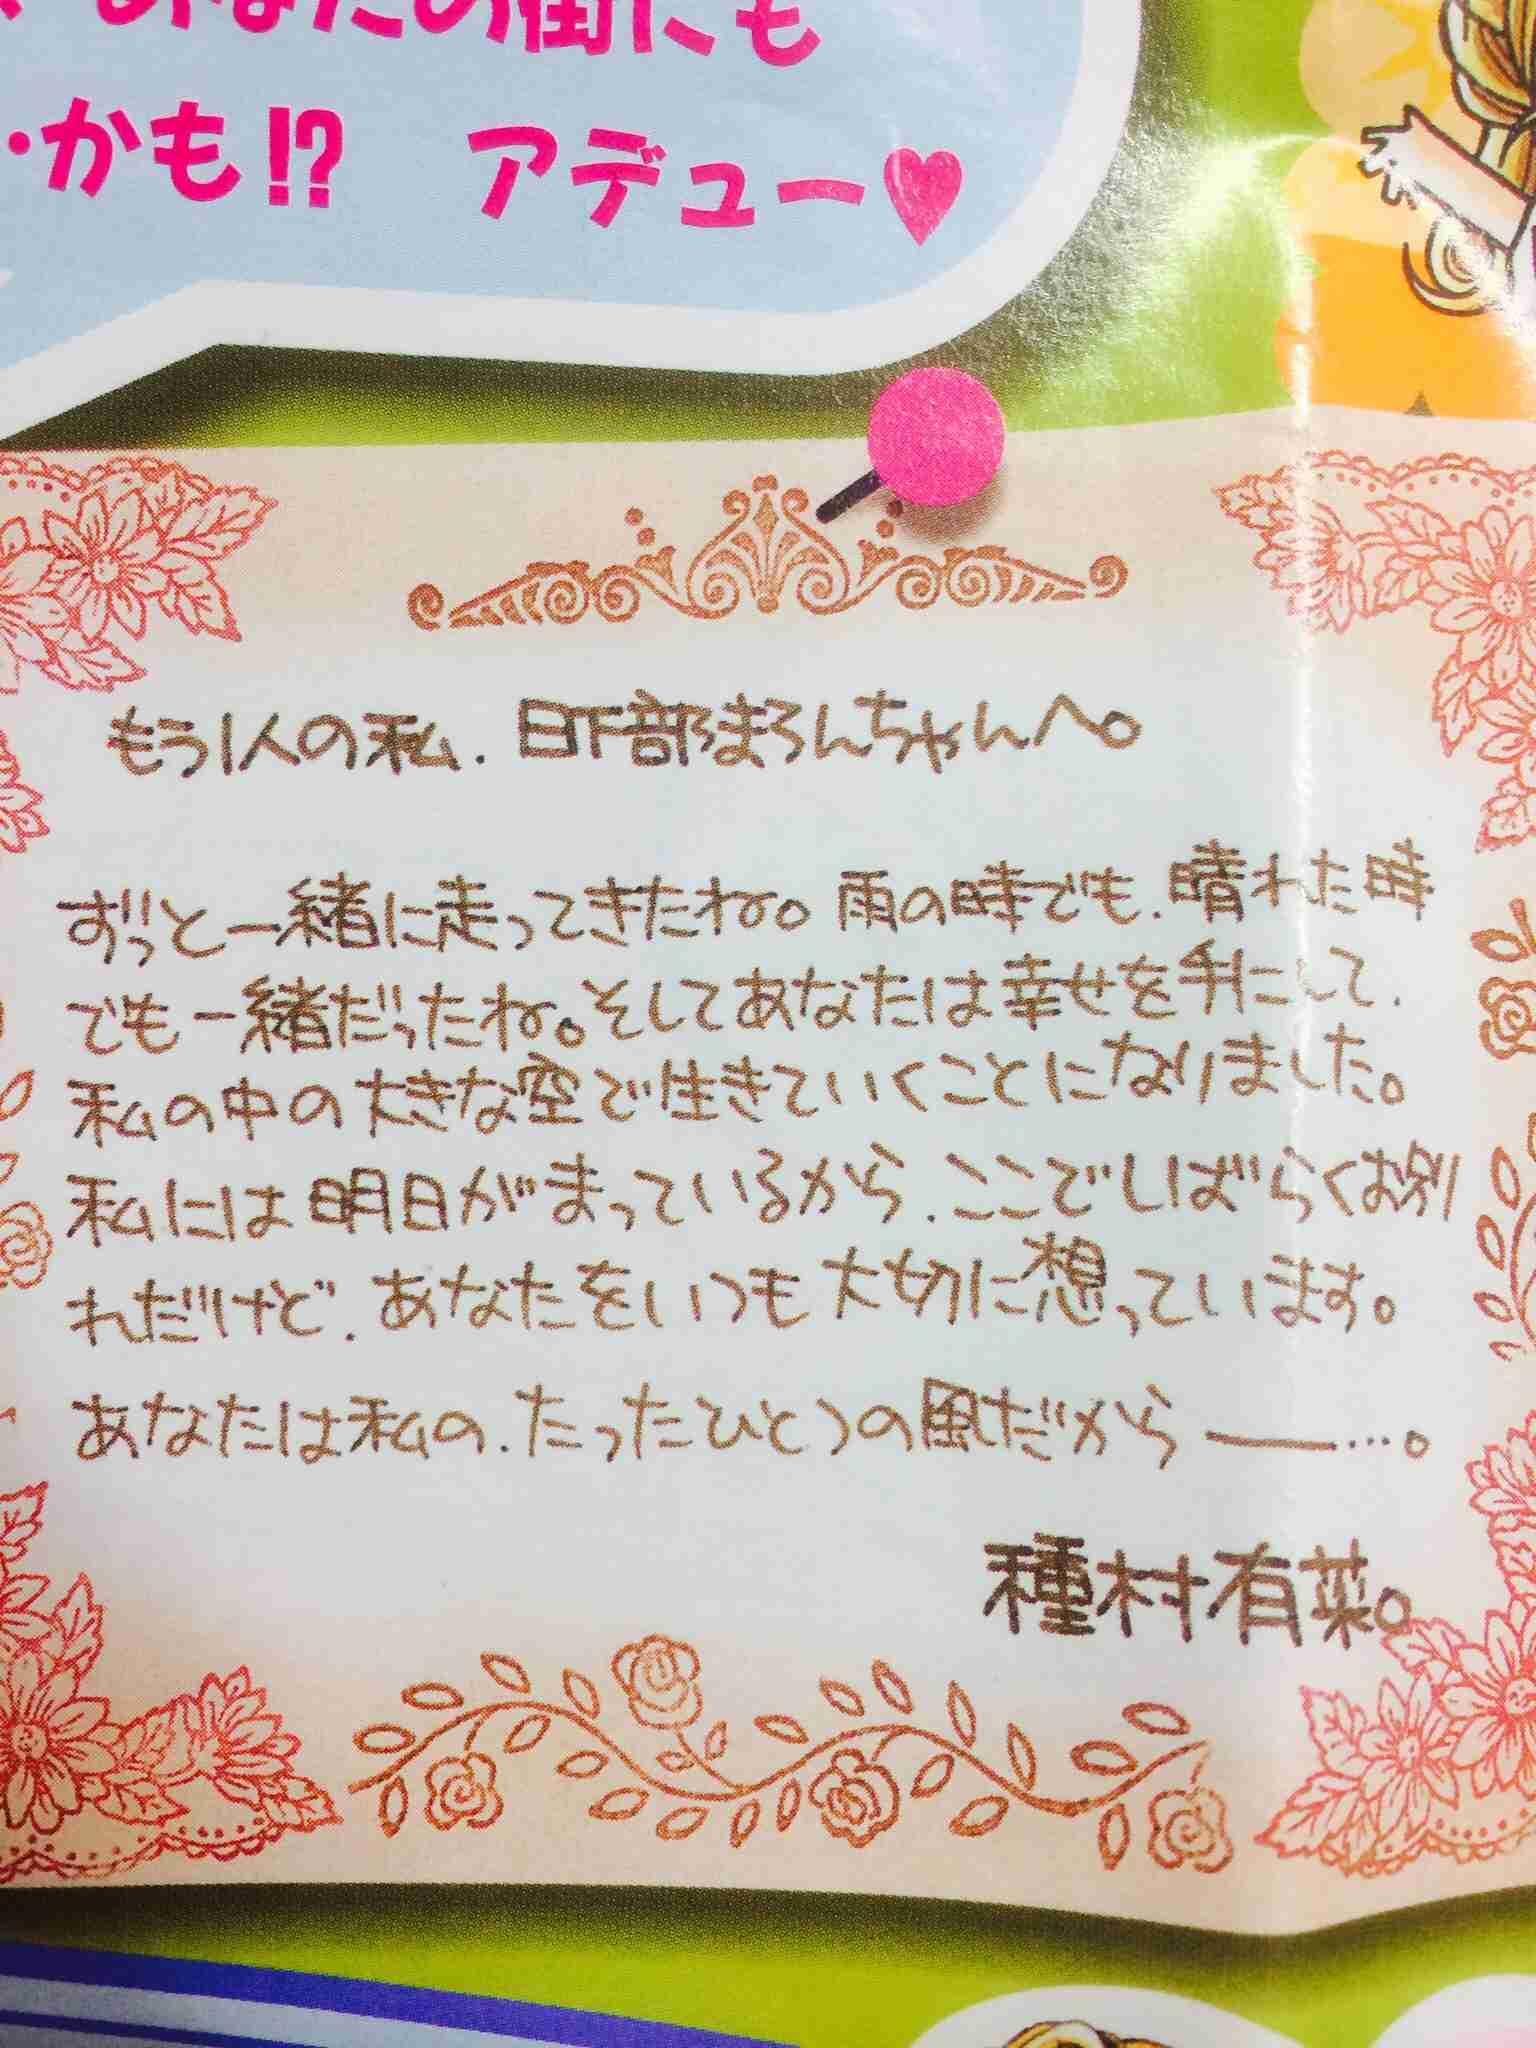 嫌いな主人公、ヒロイン【漫画、アニメ】